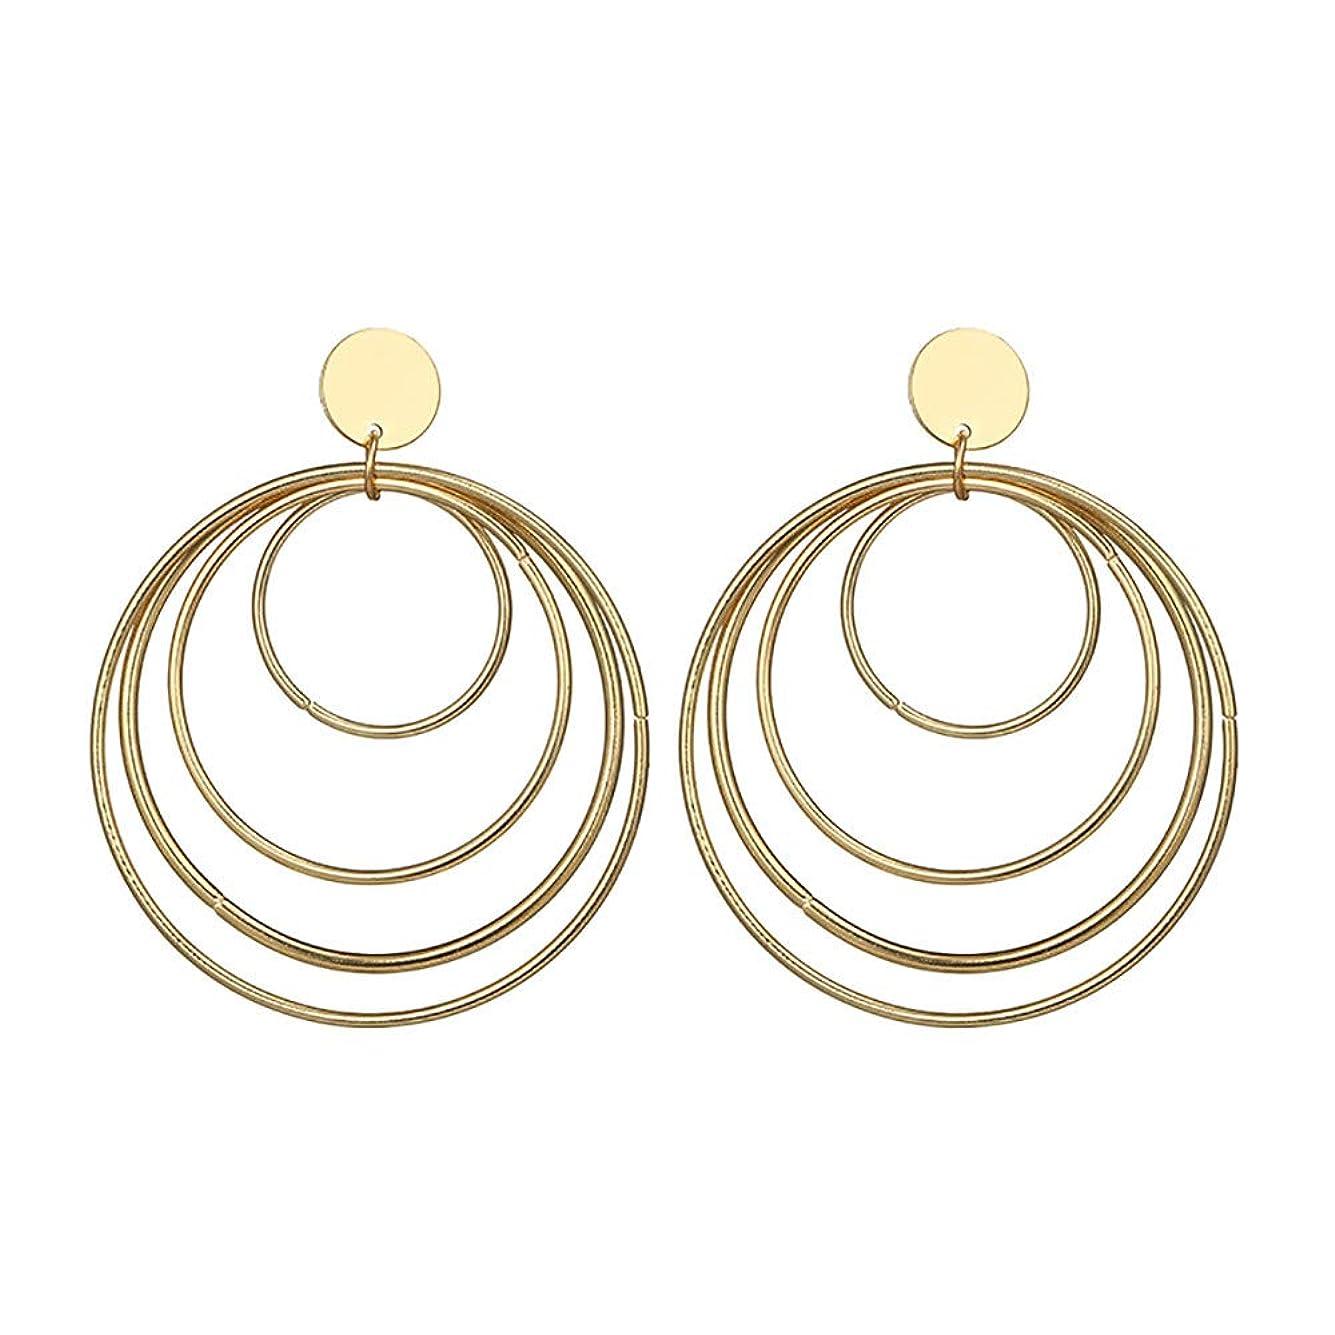 悪い推論時間とともにNicircle レトロな誇張されたスプリングイヤリング合金幾何学的サイズのサークルイヤリング スプリングイヤーリング Women Retro Exaggerated Spring Earrings Alloy Geometric Size Circle Earrings